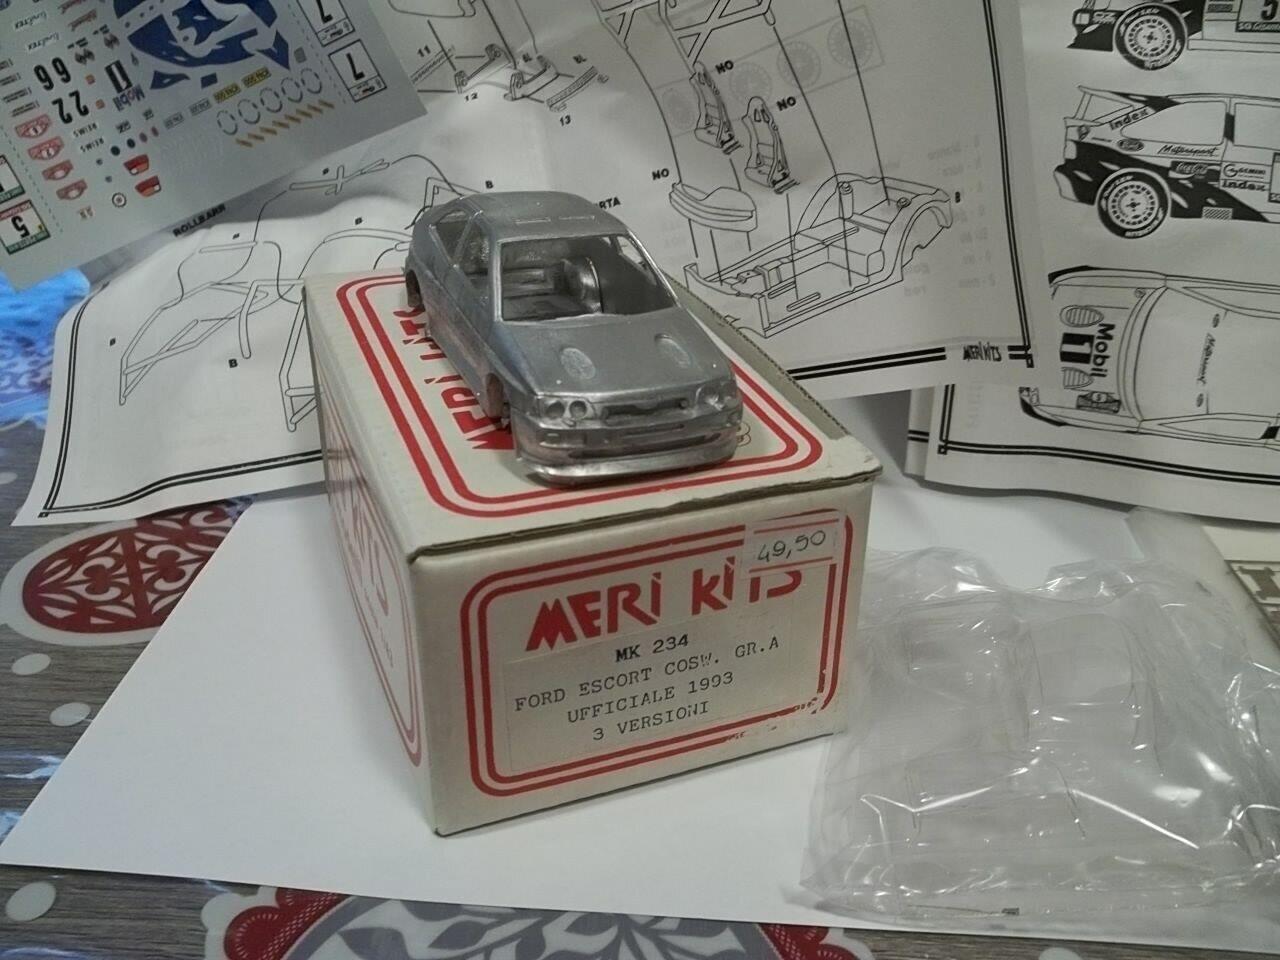 meri kit kit sc1/43 ford escorth cosworth gra ufficiale 1993 tre versioni